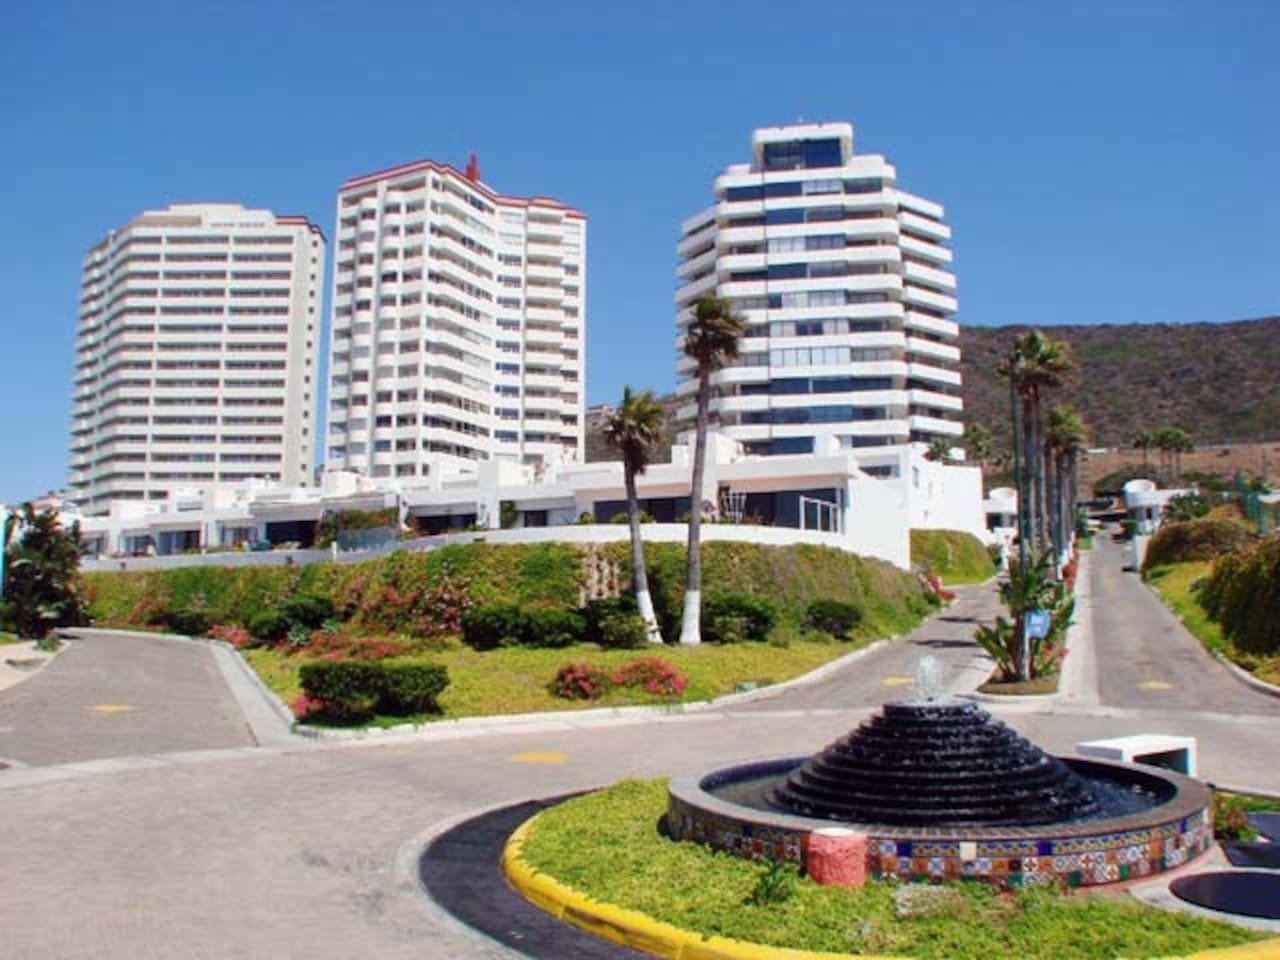 Calafia Resort